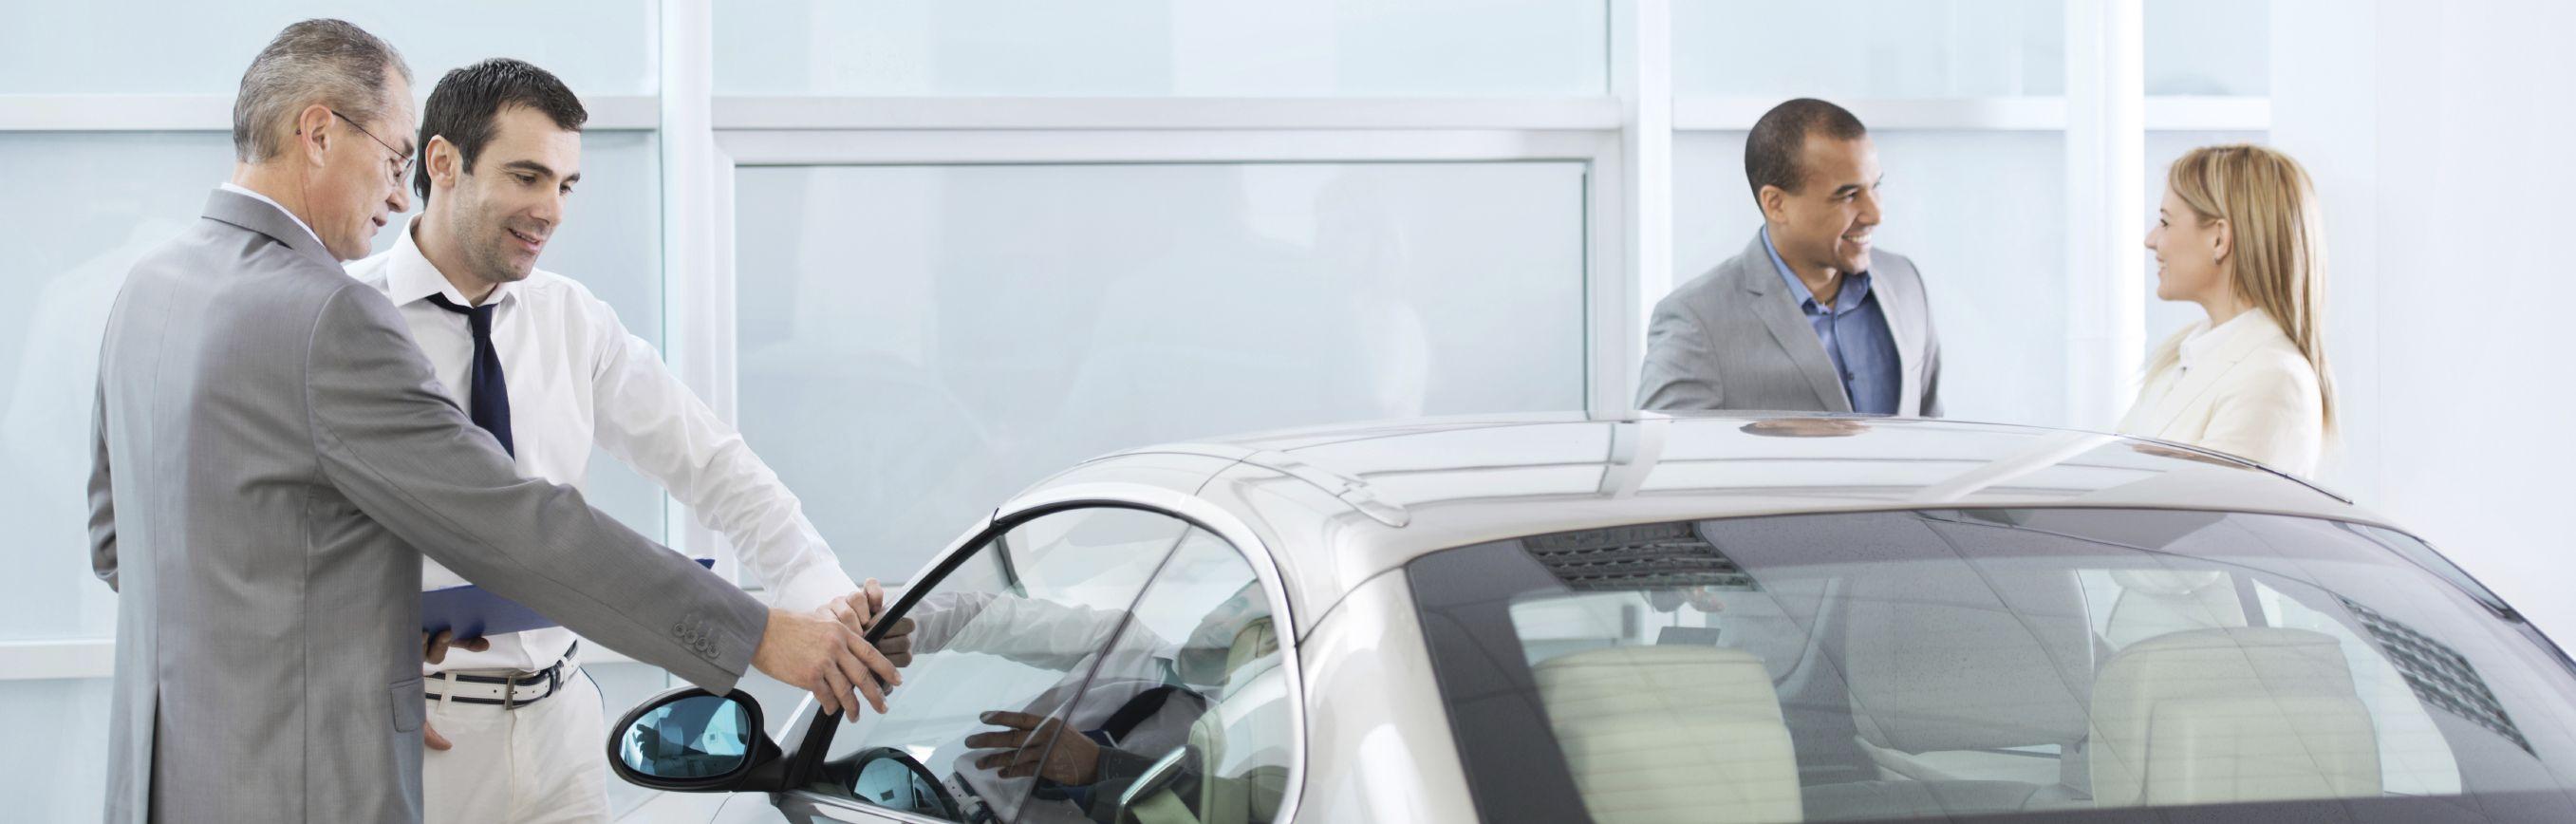 Pre-Owned Vehicles for Sale in Shreveport, LA - Orr Kia of Shreveport